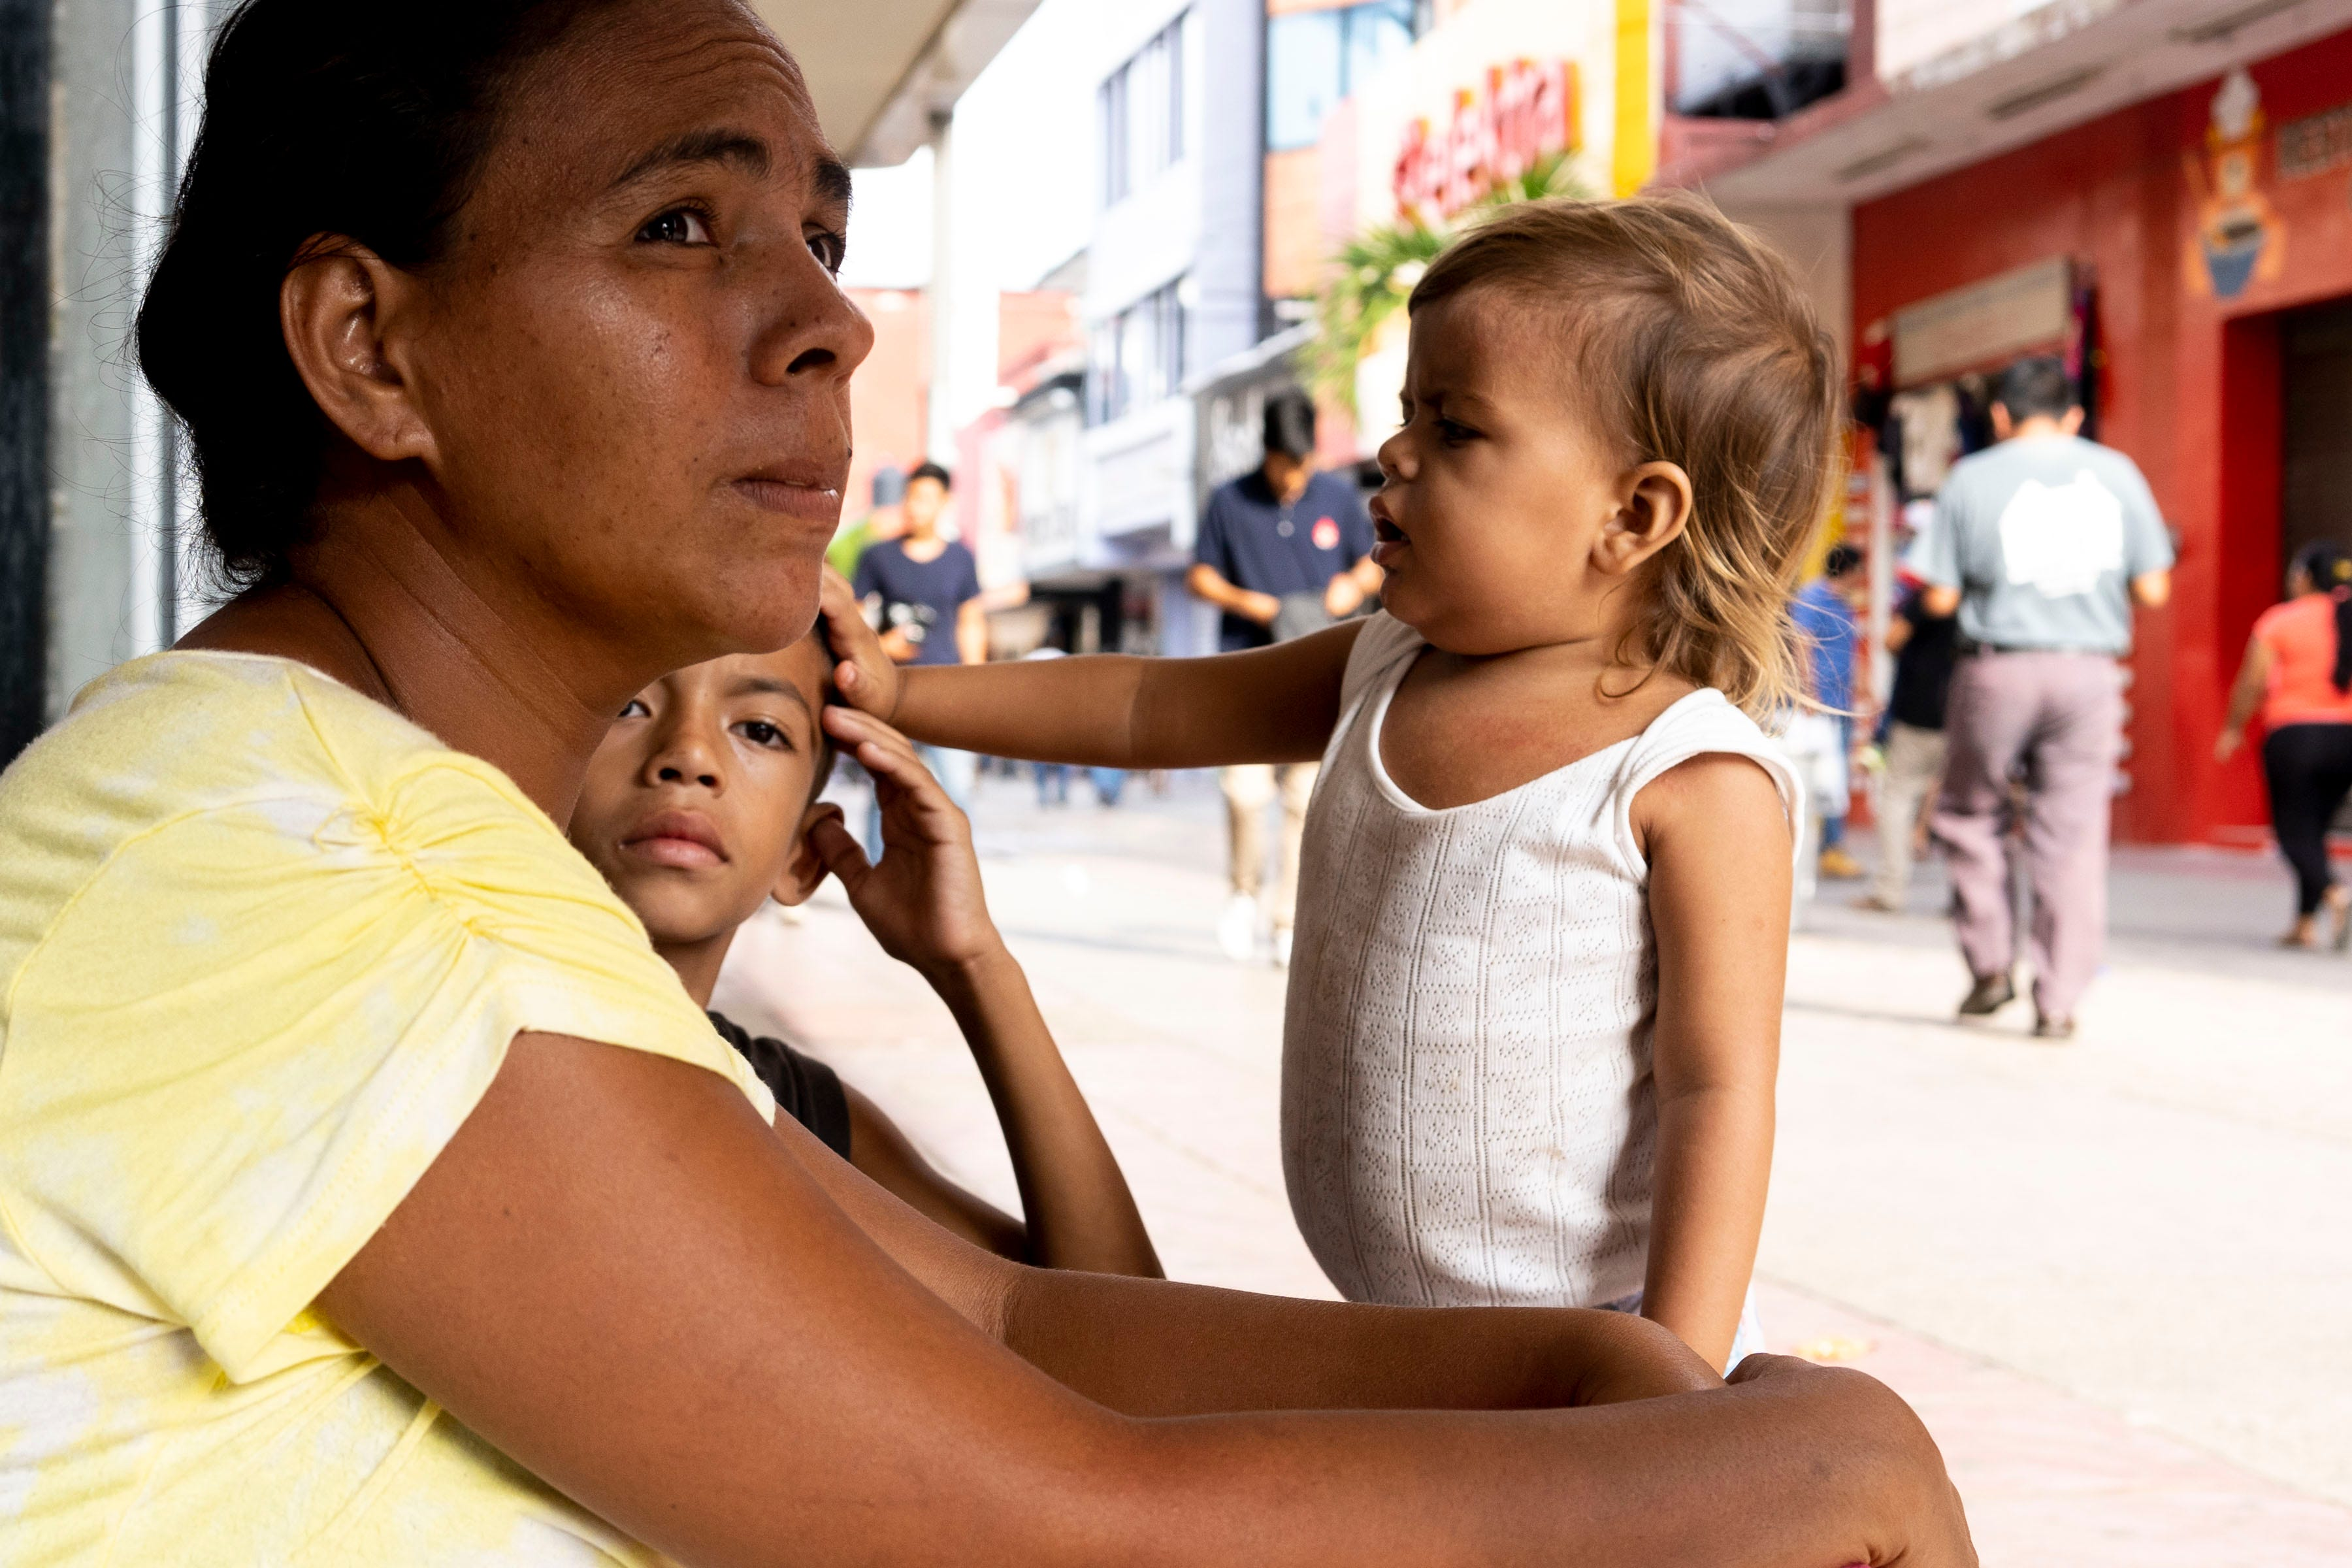 TAPACHULA, México – Waldina Bonilla Rodríguez, de Honduras, trata de no perder de vista a su hijo de 8 años, Oscar, mientras el pequeño camina entre la muchedumbre descalzo y pidiendo dinero. Rodríguez extiende una taza de plástico mientras su hija de dos años, Delin Nicol, tira de su camiseta sin mangas. La pequeña llora pidiendo atención, su cabello rubio lleno de nudos.